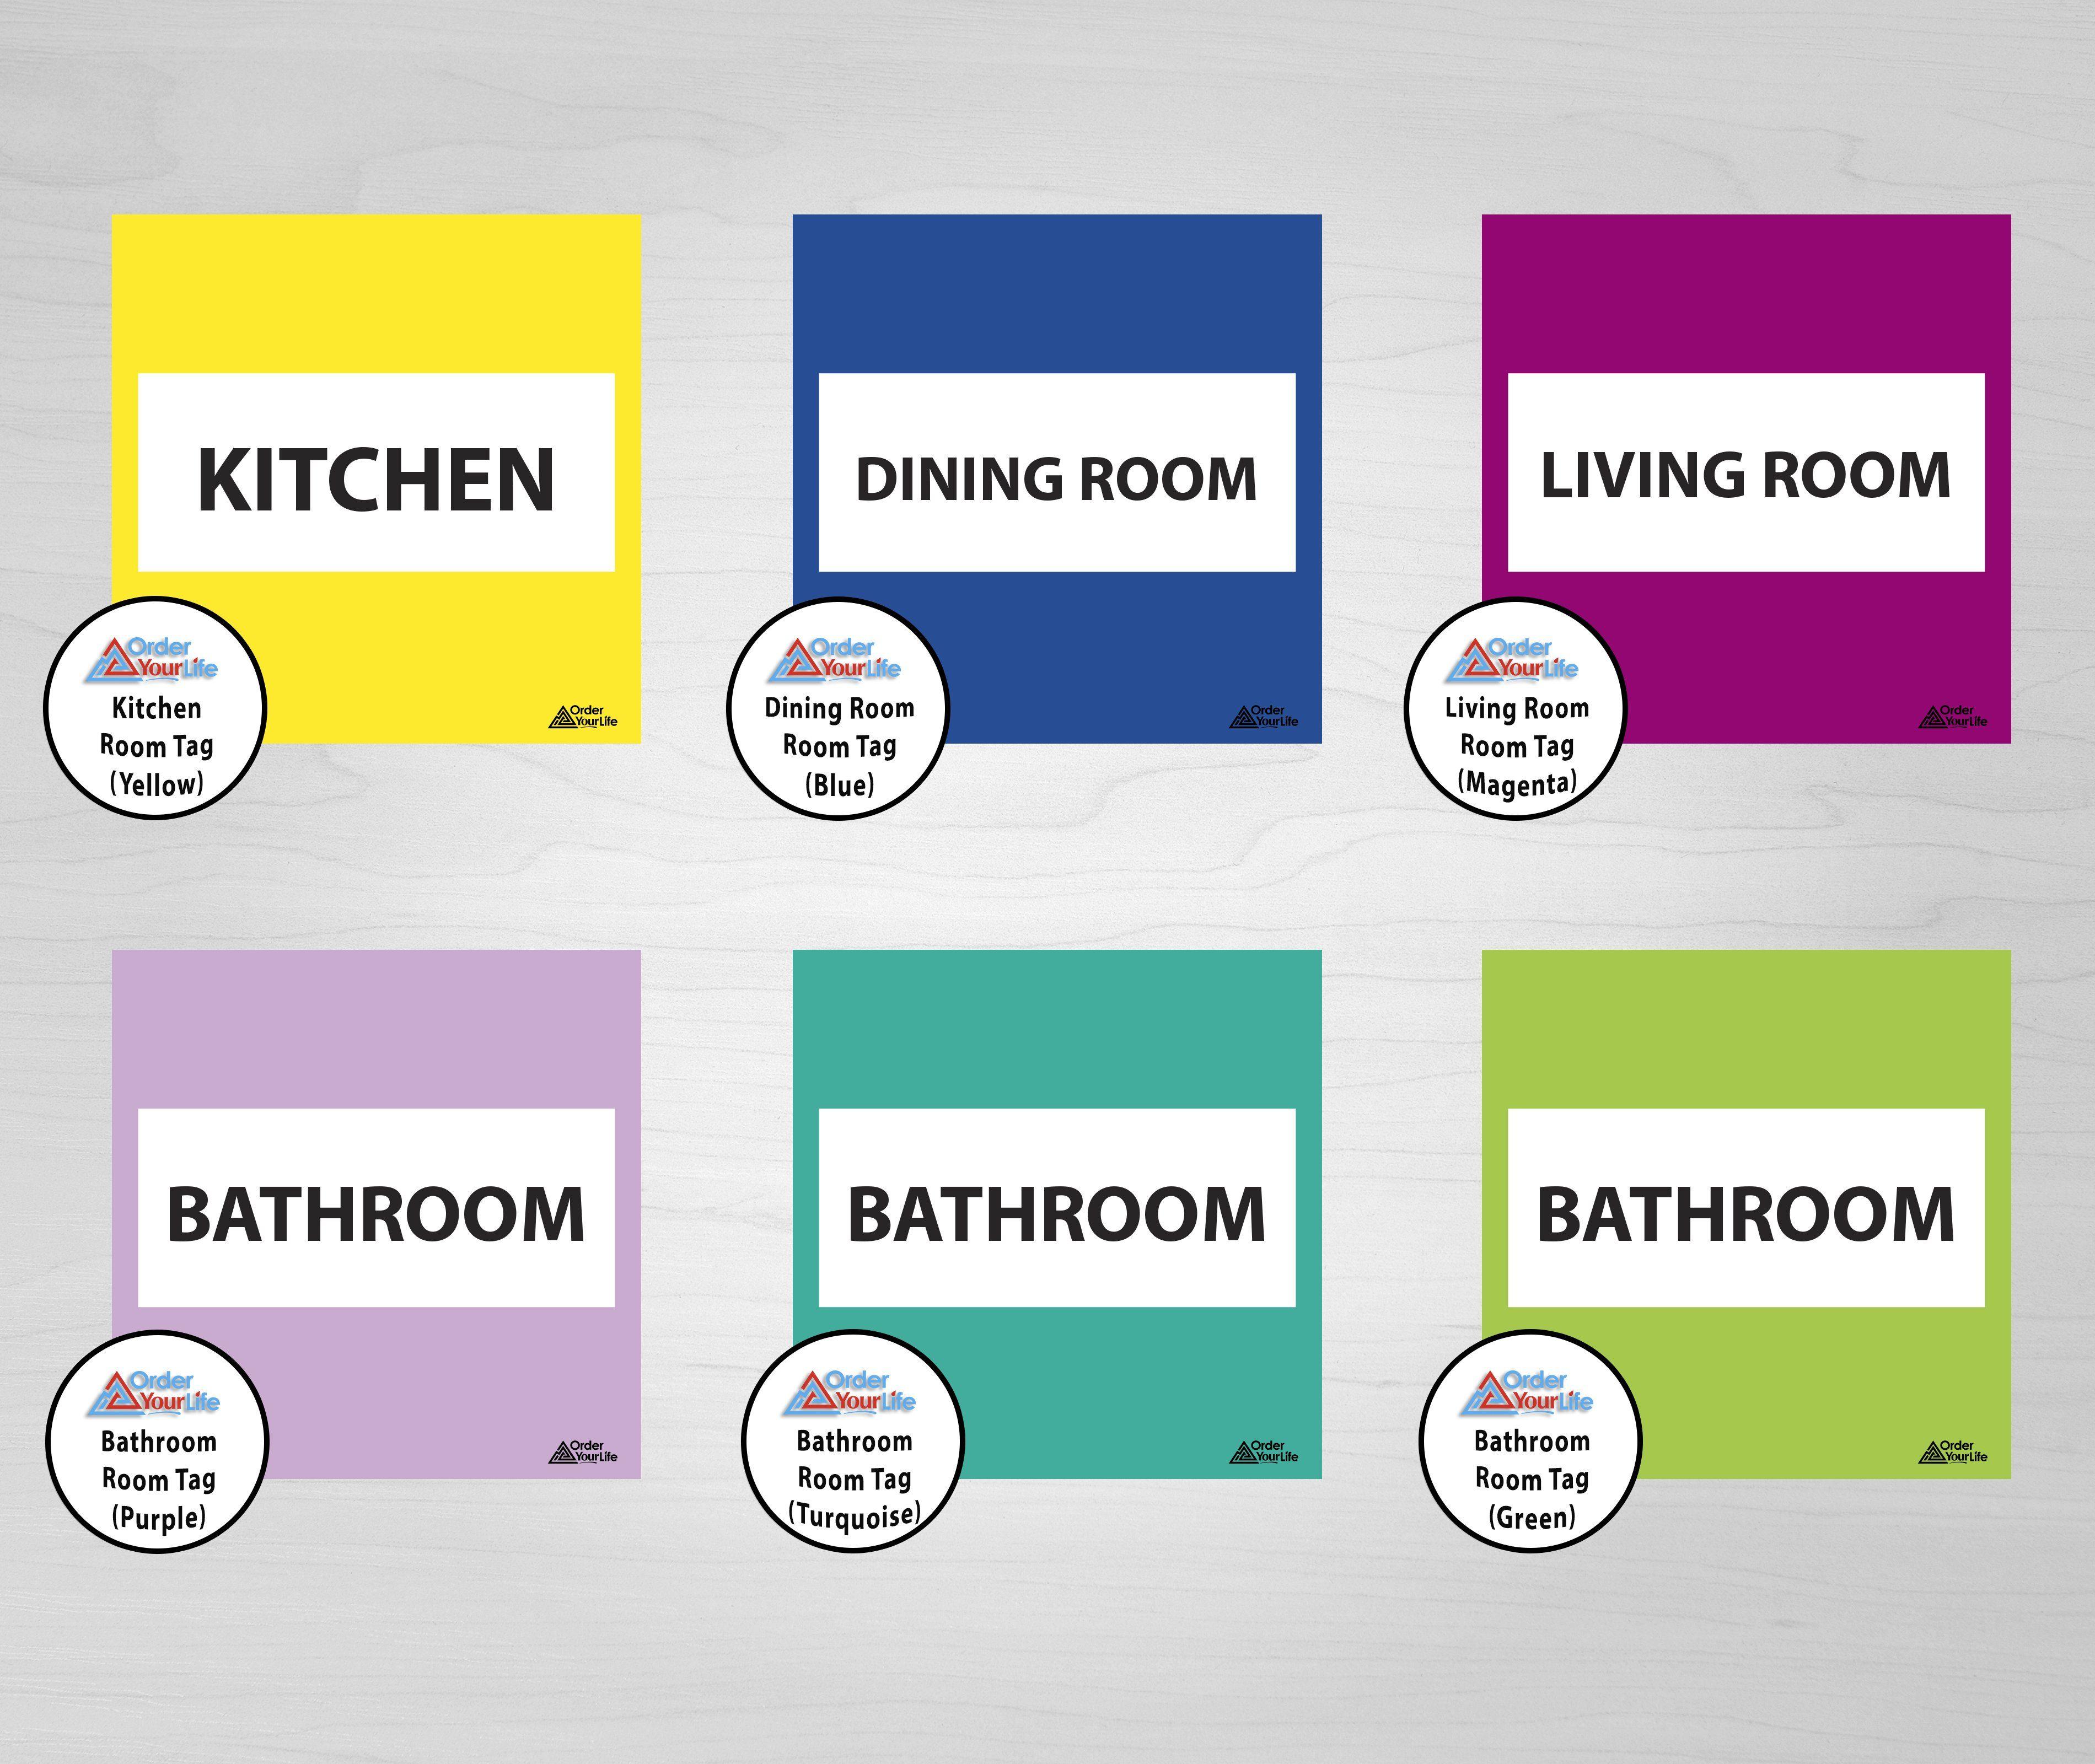 Room Tags - Print & Ship / Bathroom Room Tag (Green)